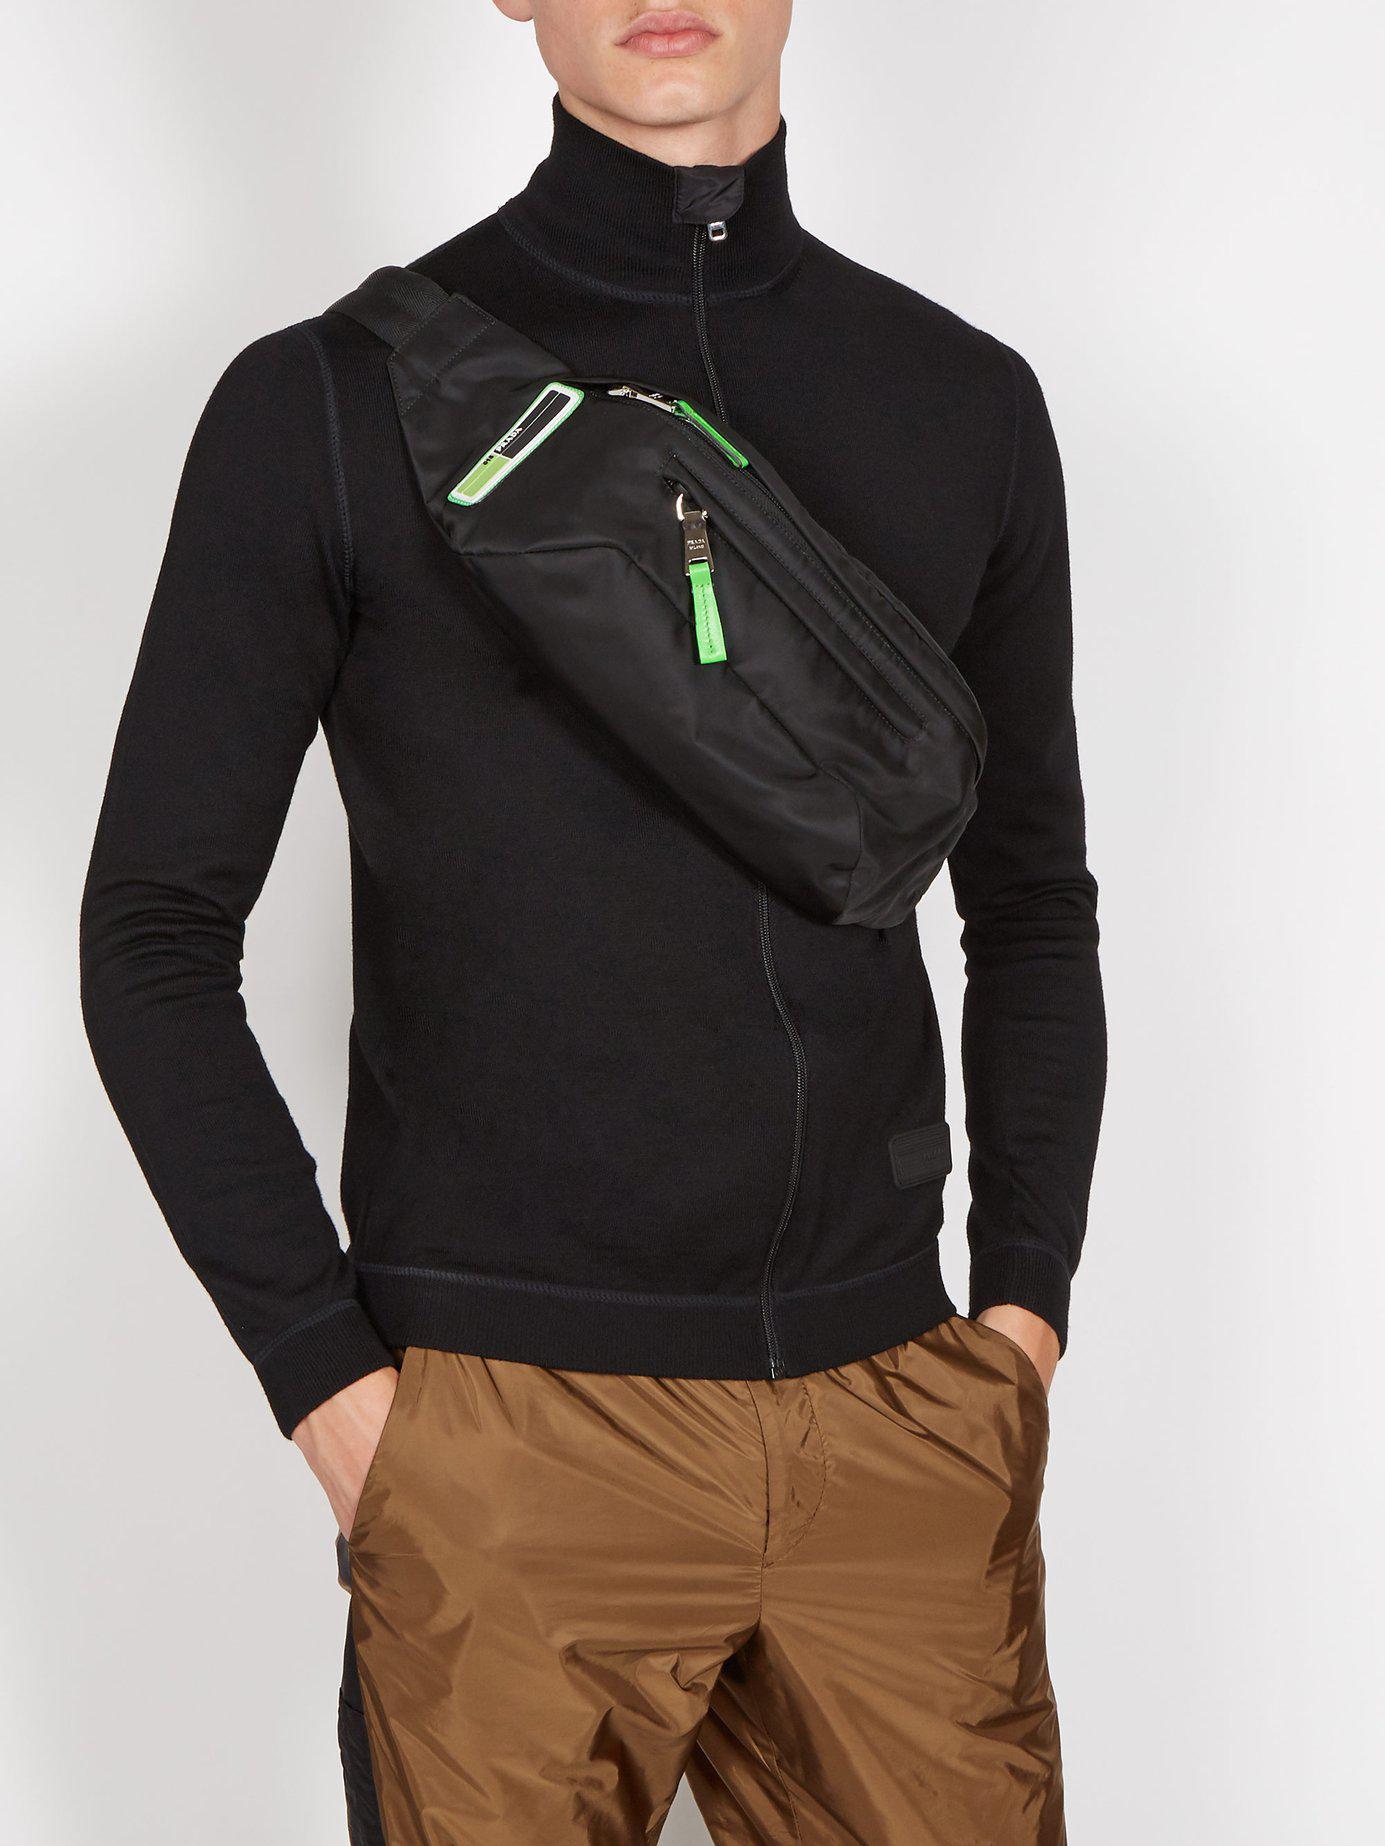 Prada - Black Logo Nylon Belt Bag for Men - Lyst. View fullscreen 11627e1d9927b